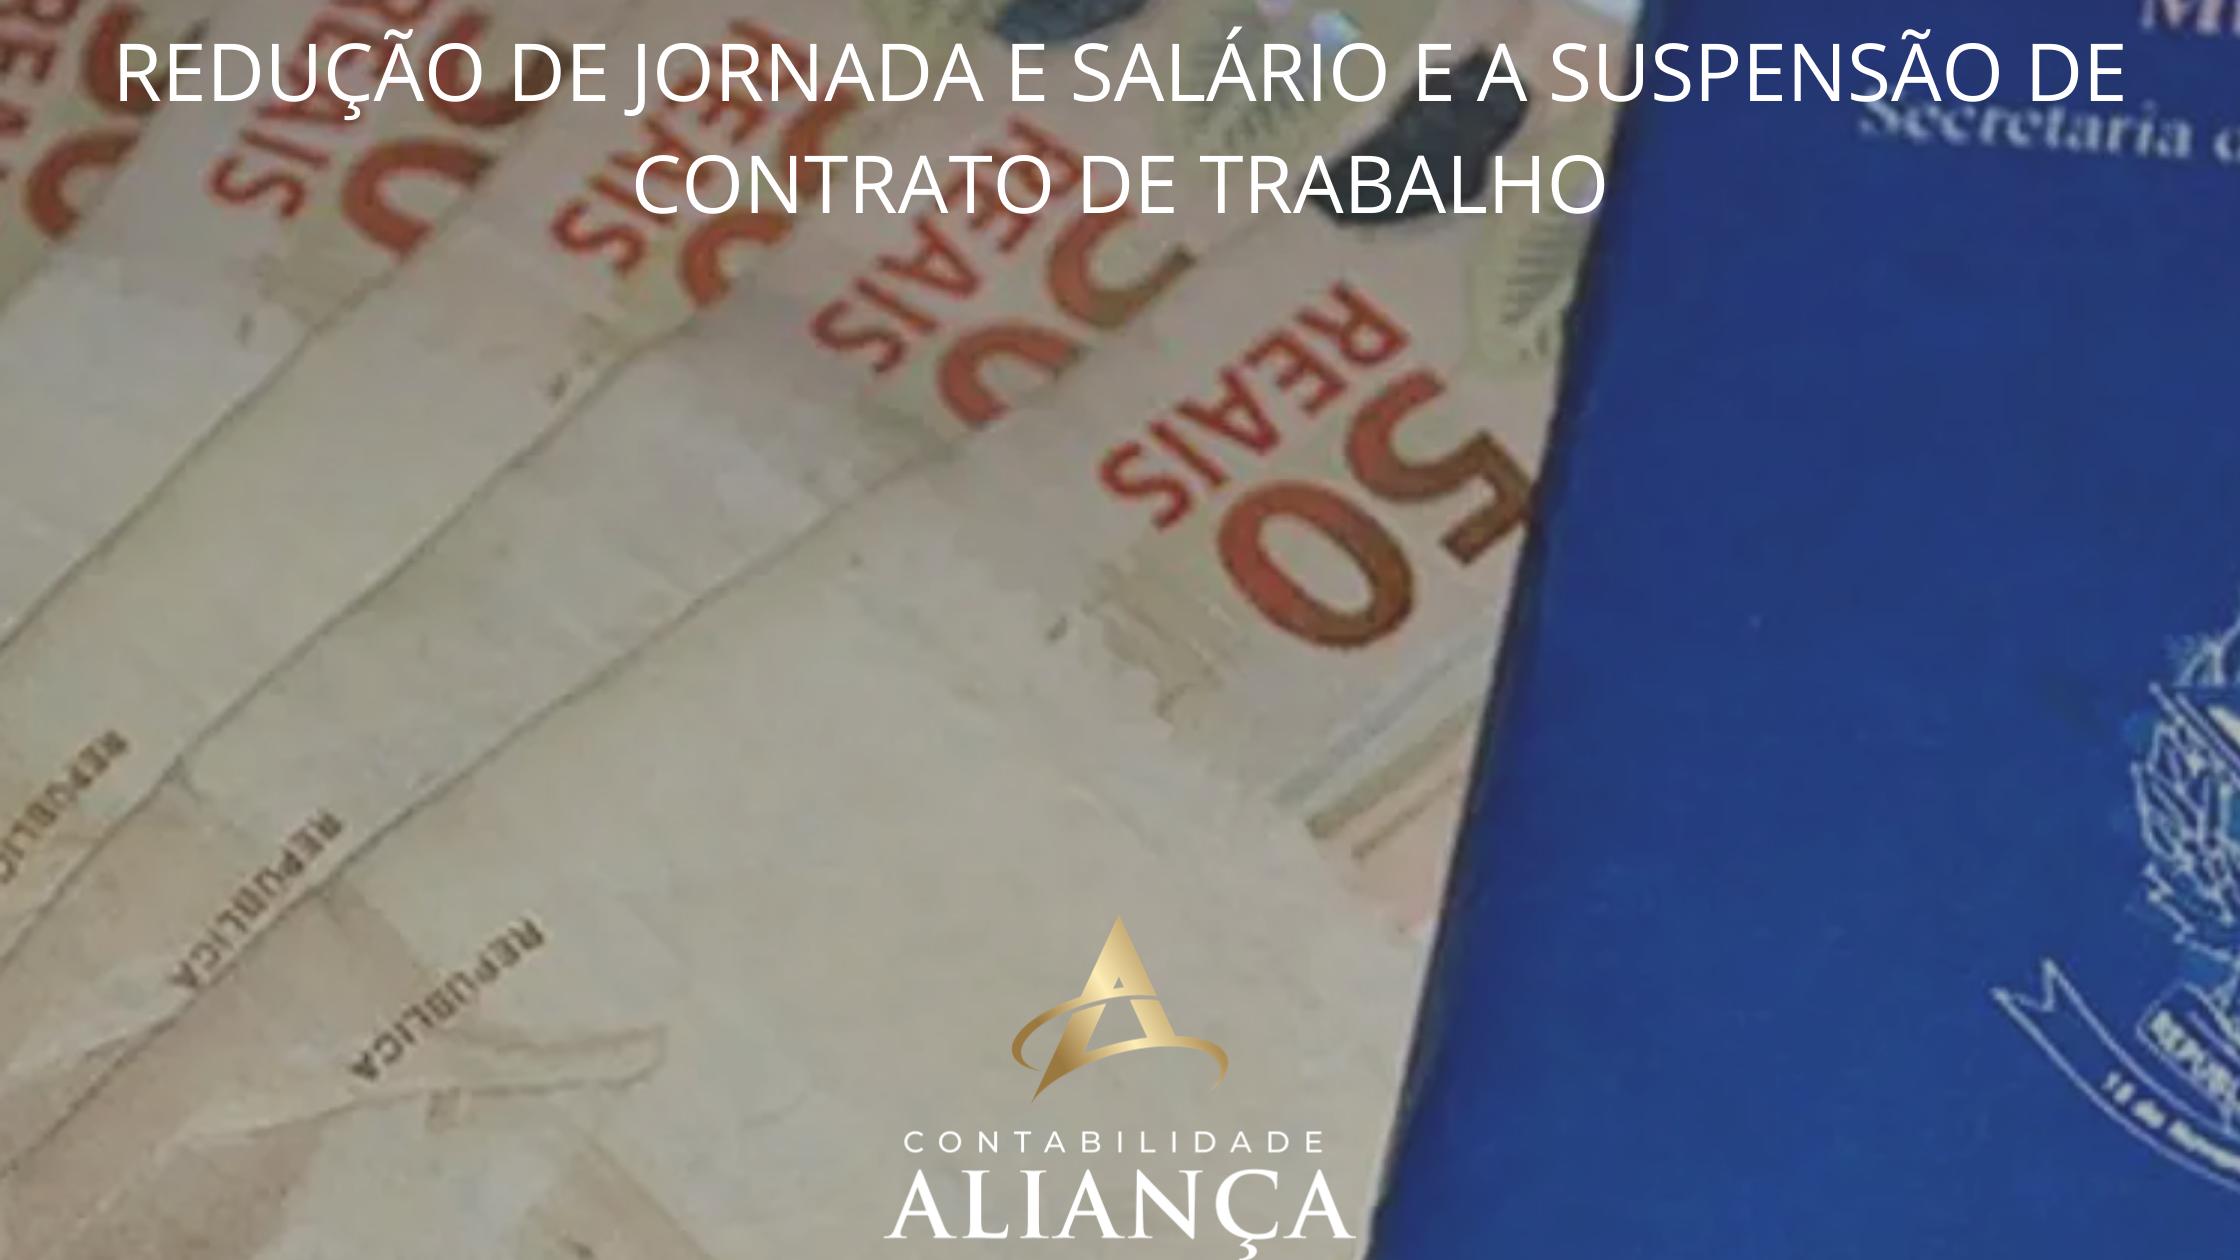 ReduÇÃo De Jornada E SalÁrio E A SuspensÃo De Contrato De Trabalho - Contabilidade em Guarulhos - SP | Aliança Contabilidade - REDUÇÃO DE JORNADA E SALÁRIO E A SUSPENSÃO DE CONTRATO DE TRABALHO